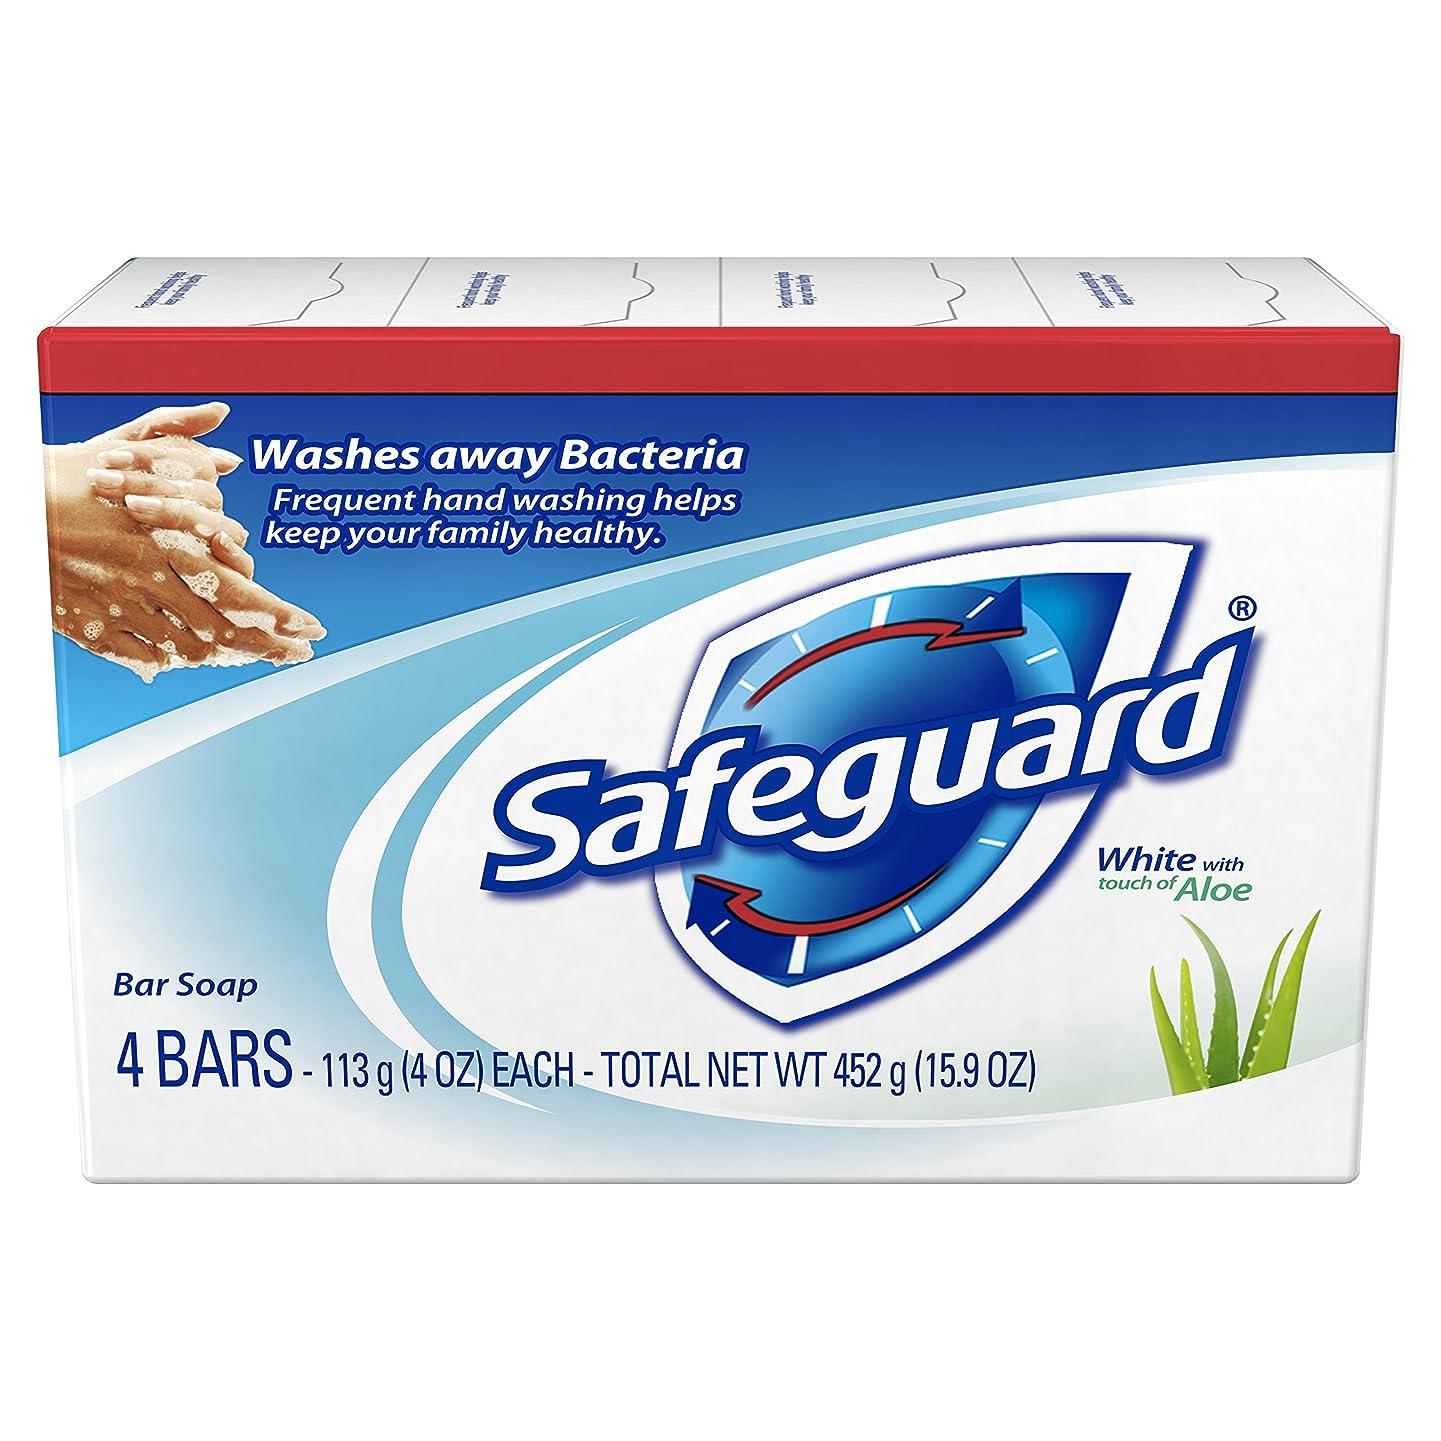 文献予測子発疹Safeguard アロエ4オズバー、4EA(5パック)で抗菌消臭石鹸ホワイト 5パック